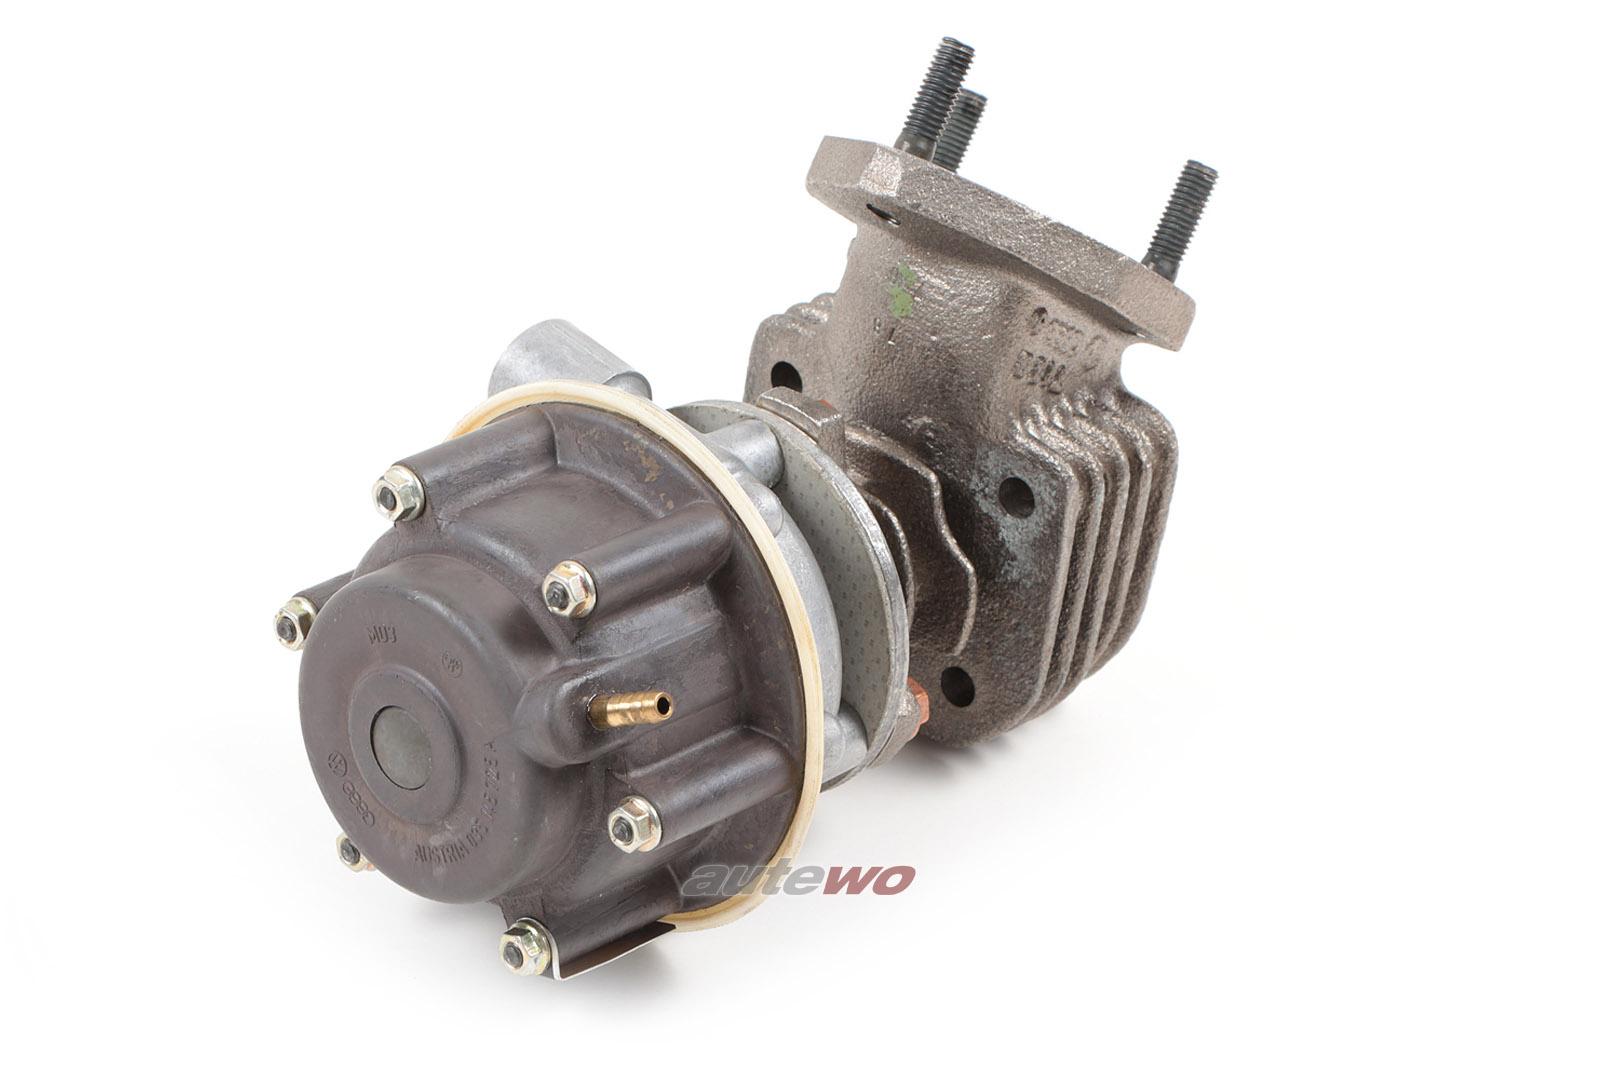 035145705AG NEU Audi Sportquattro 2.2l 5 Zylinder 20V Turbo KW Wastegate